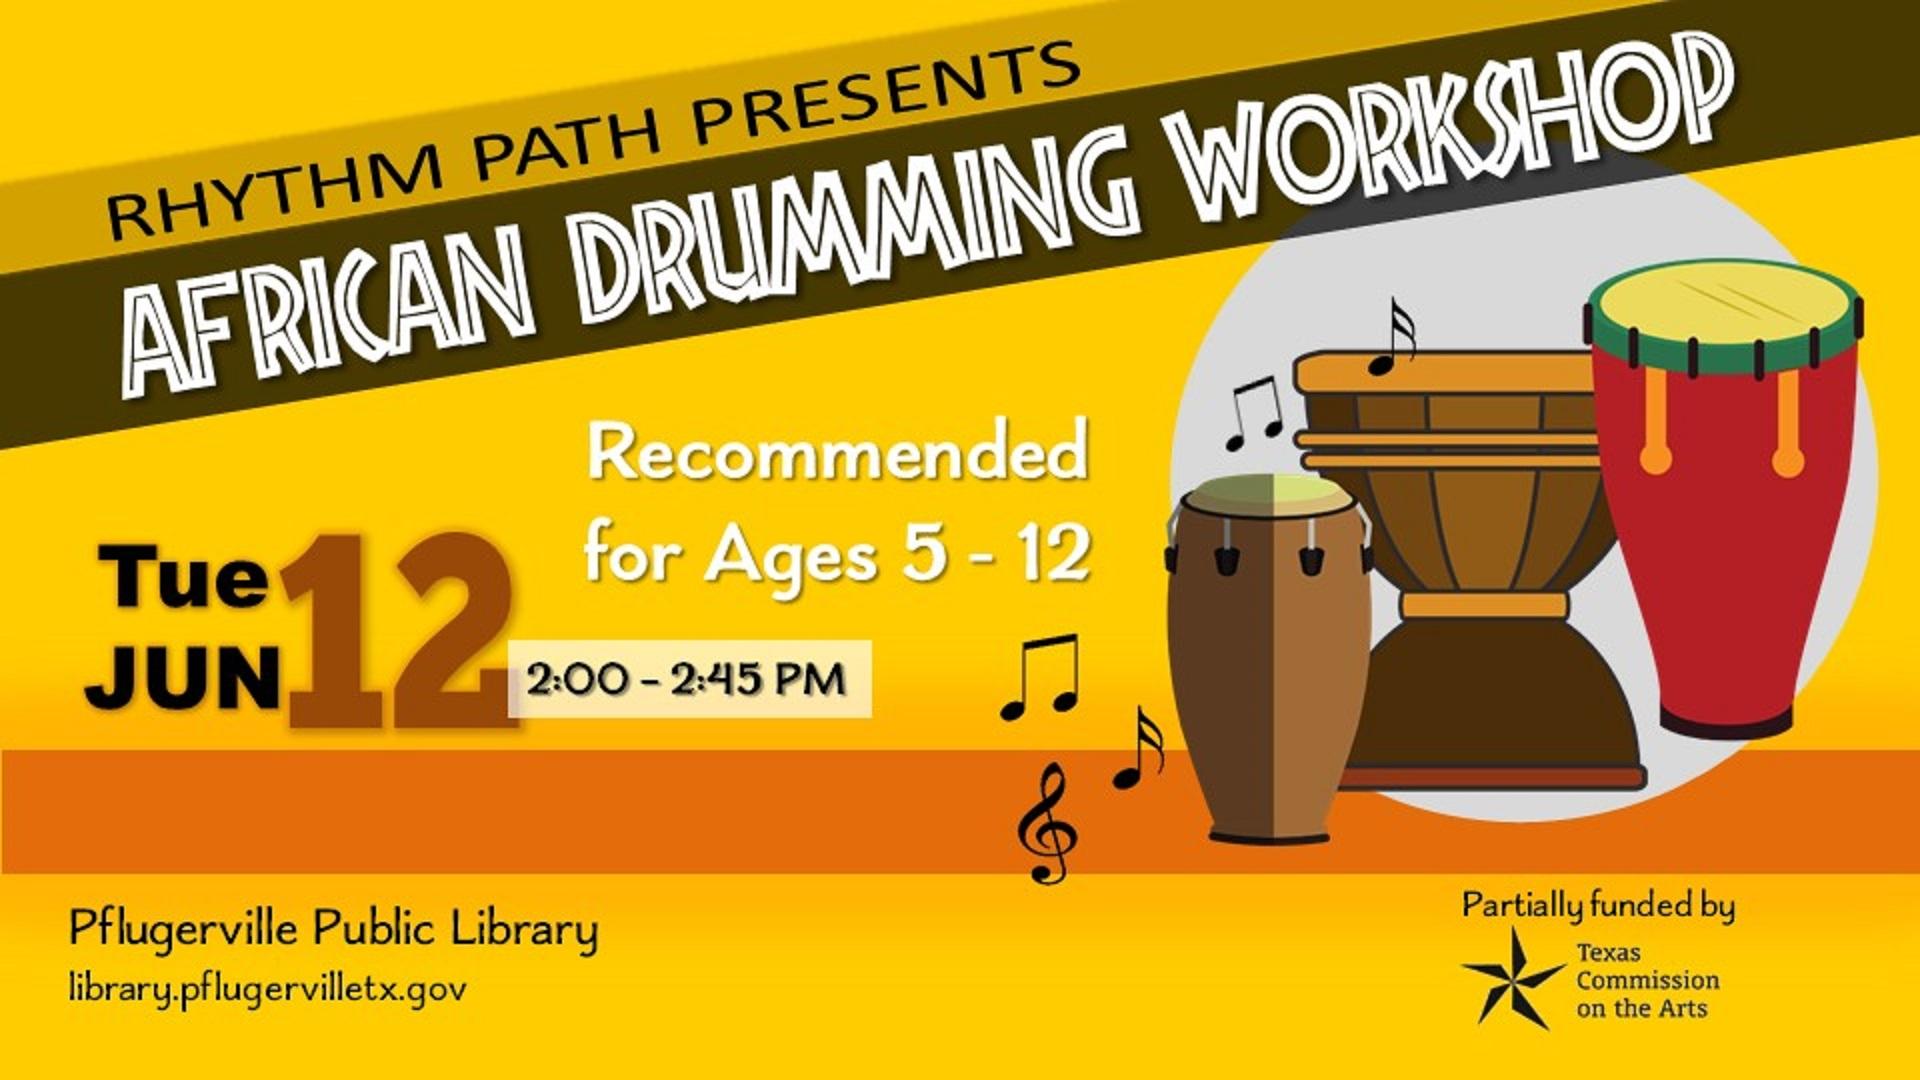 2018-06-12 Drumming Workshop - Rhythm Path